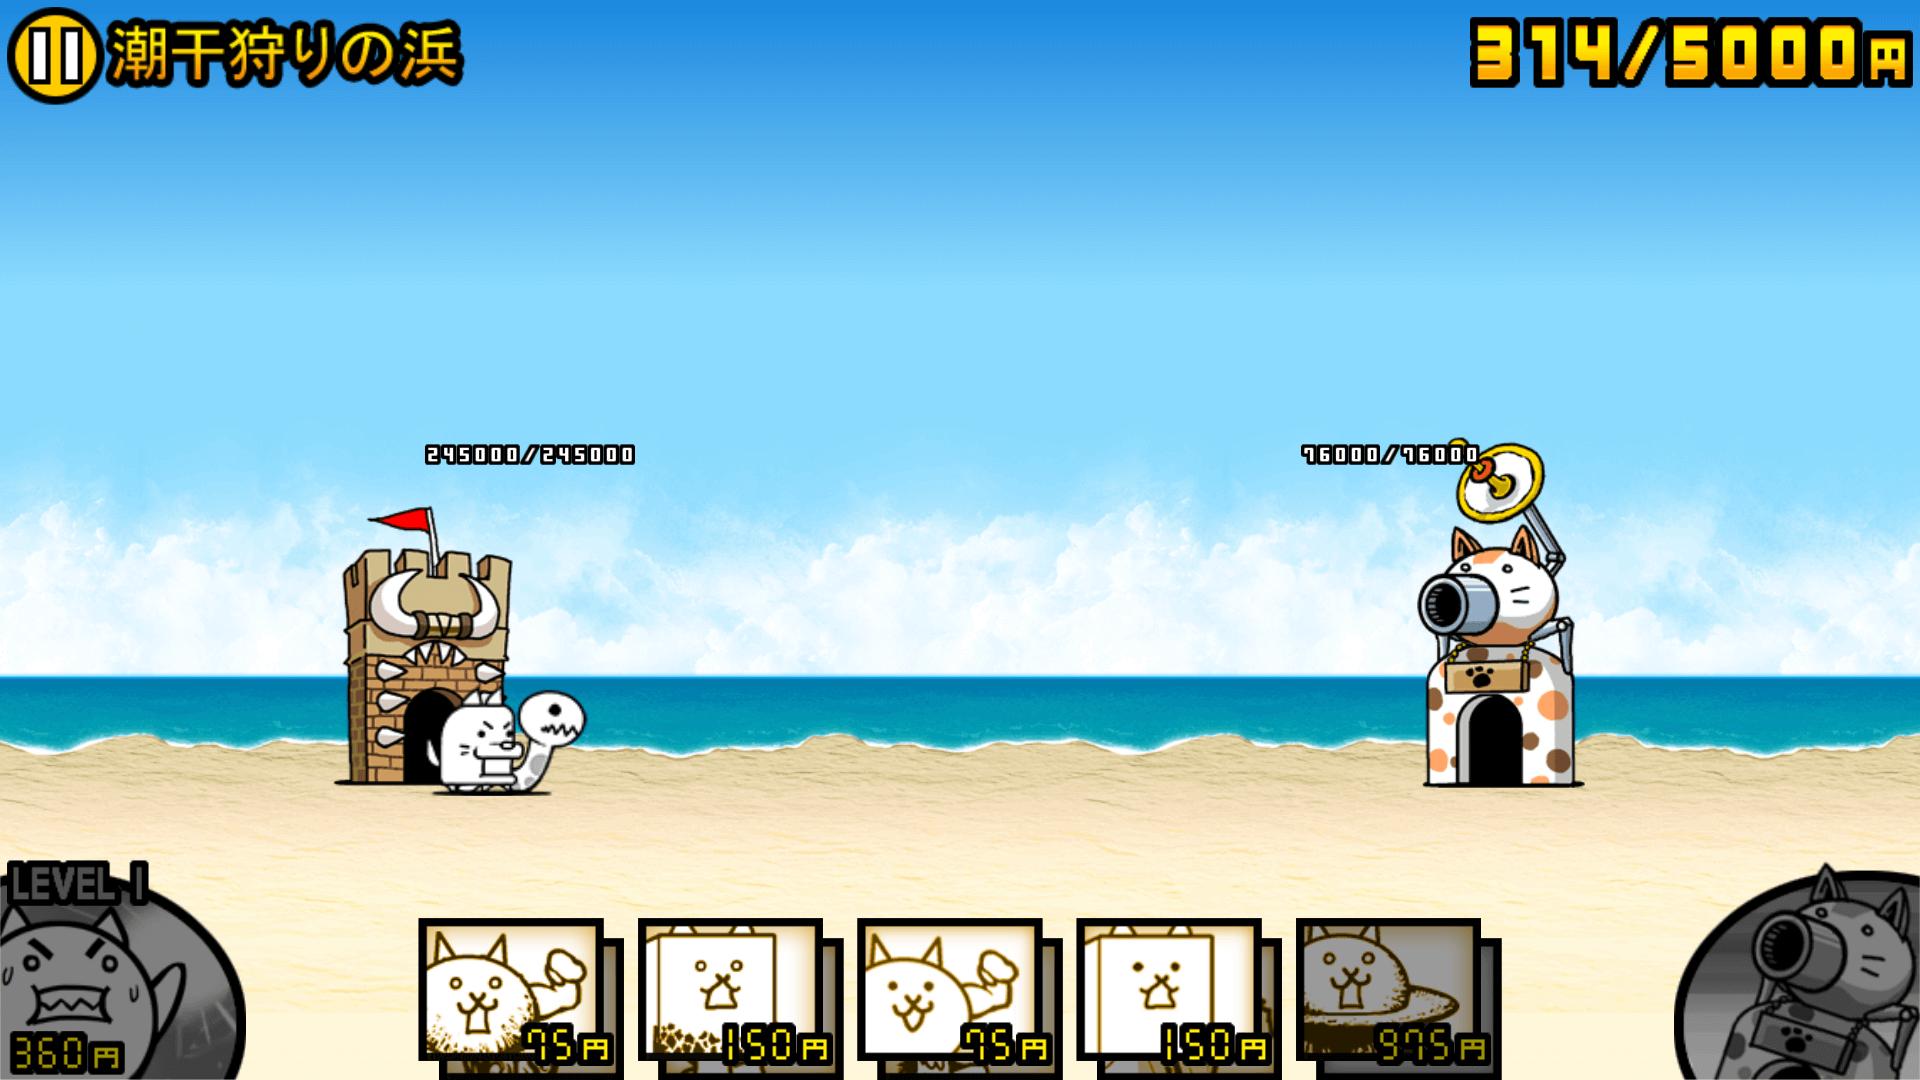 ずんどこ海水浴場 星1 潮干狩りの浜の概要